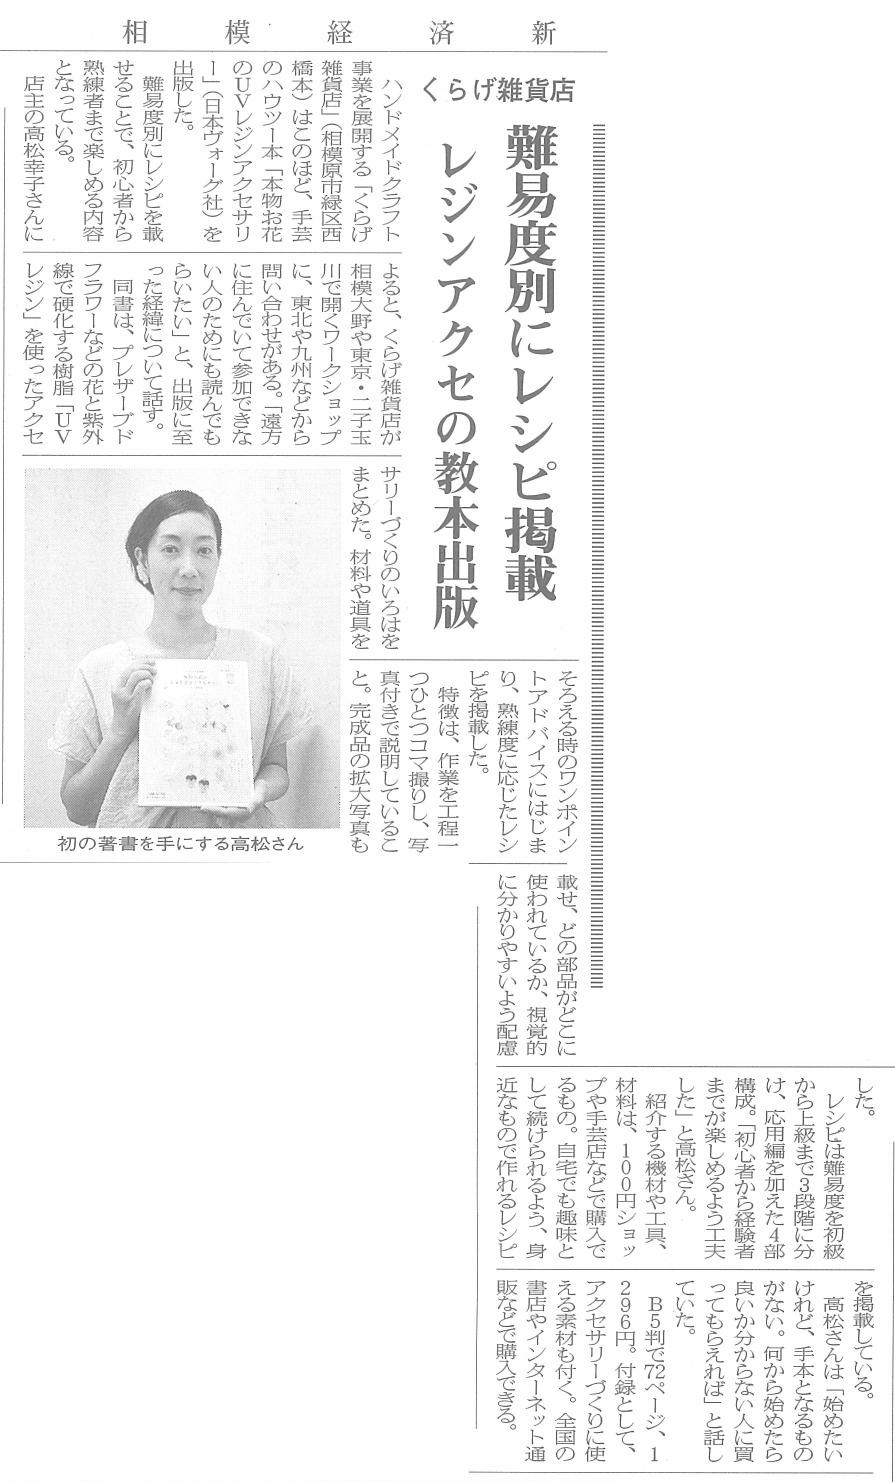 相模経済新聞2016年8月